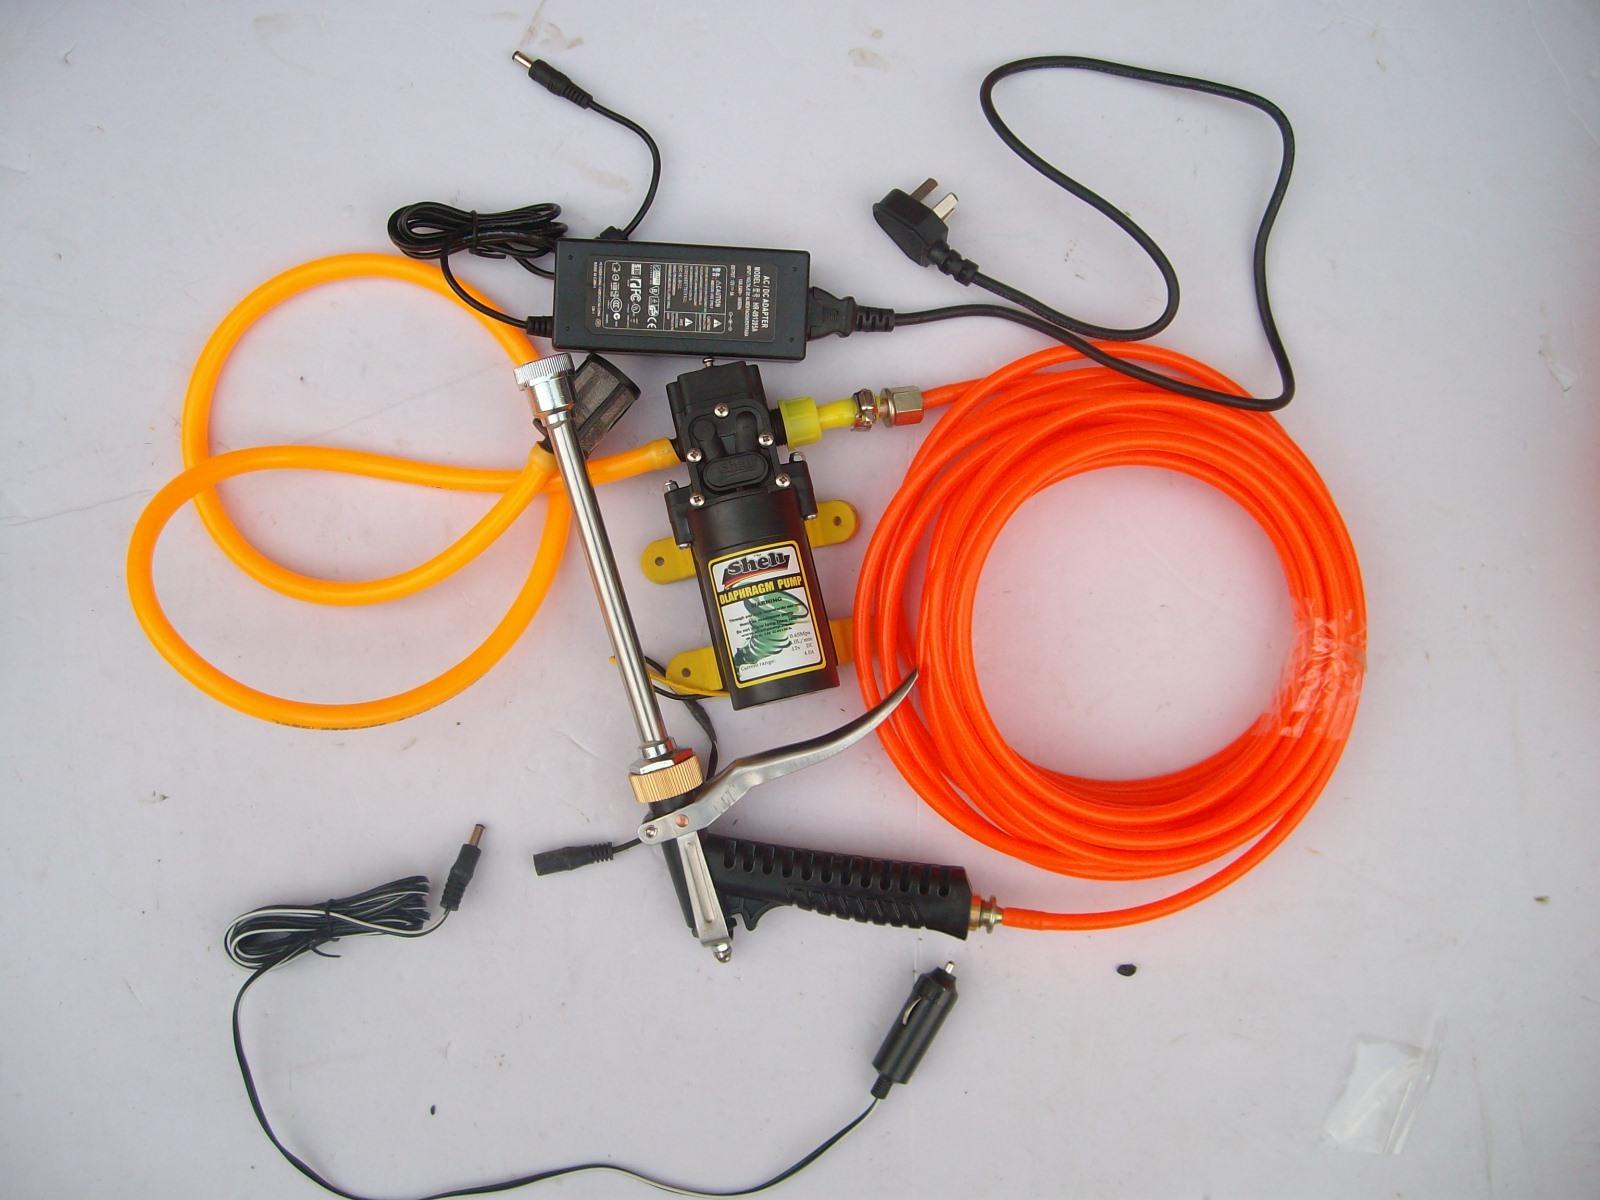 Автомойка Портативные бытовые в автомобиле 220V 12V высокого давления электрическая давления переключения кисти автомойка автомойка механического и электрического насоса